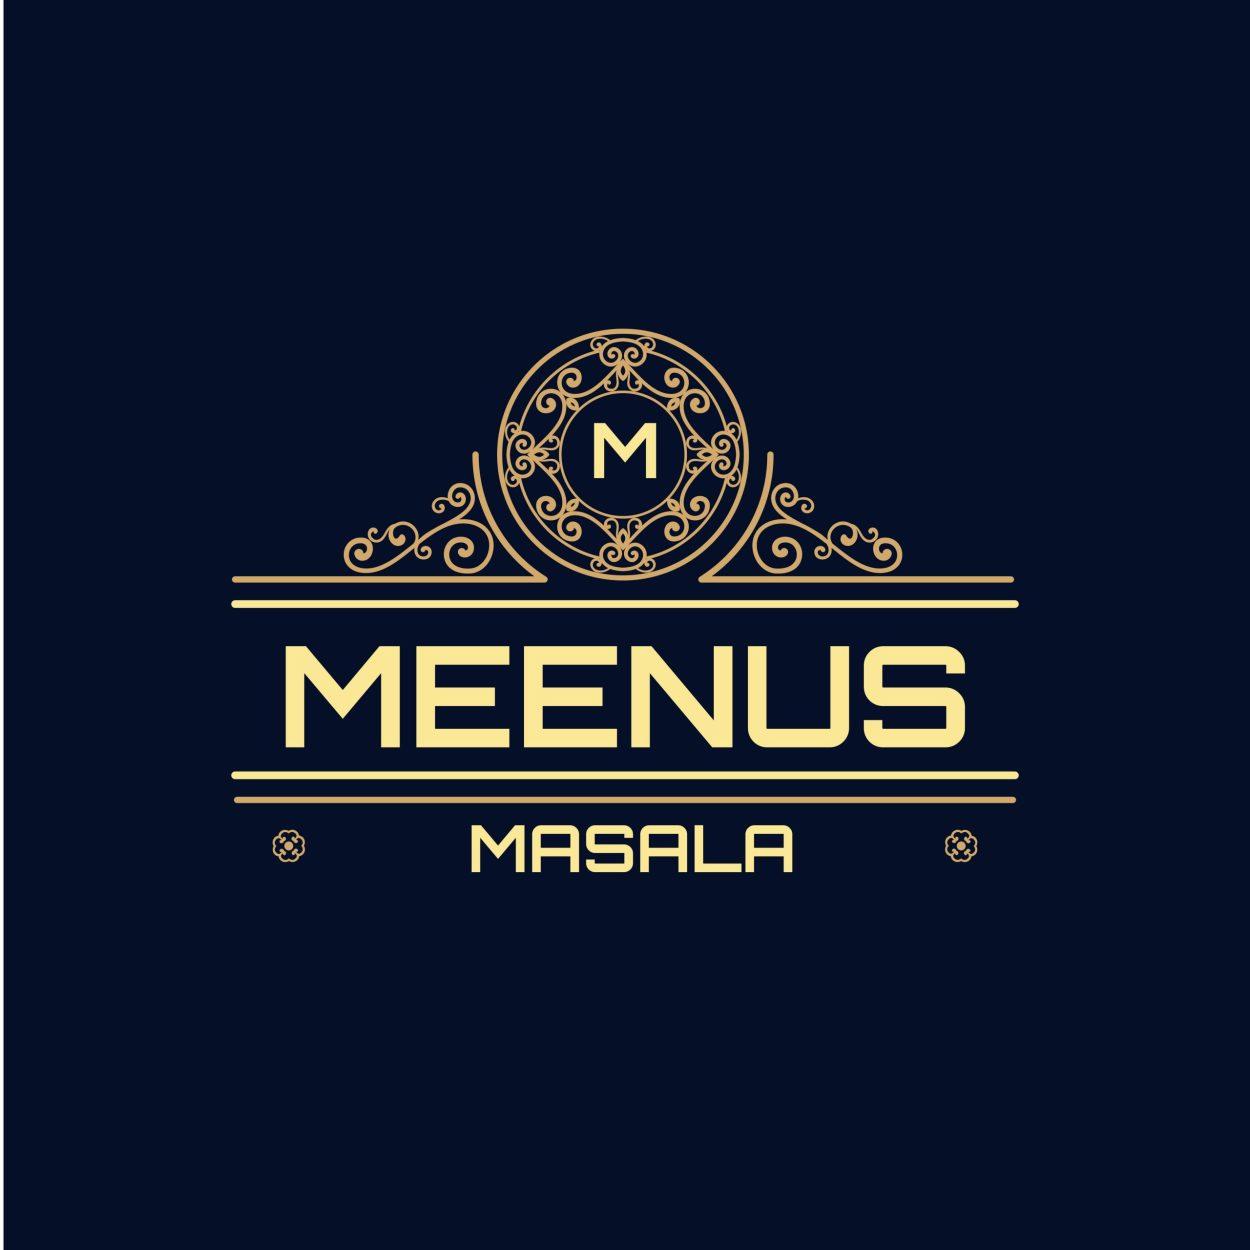 sod dev - logo- Meenus Masala logo (8)